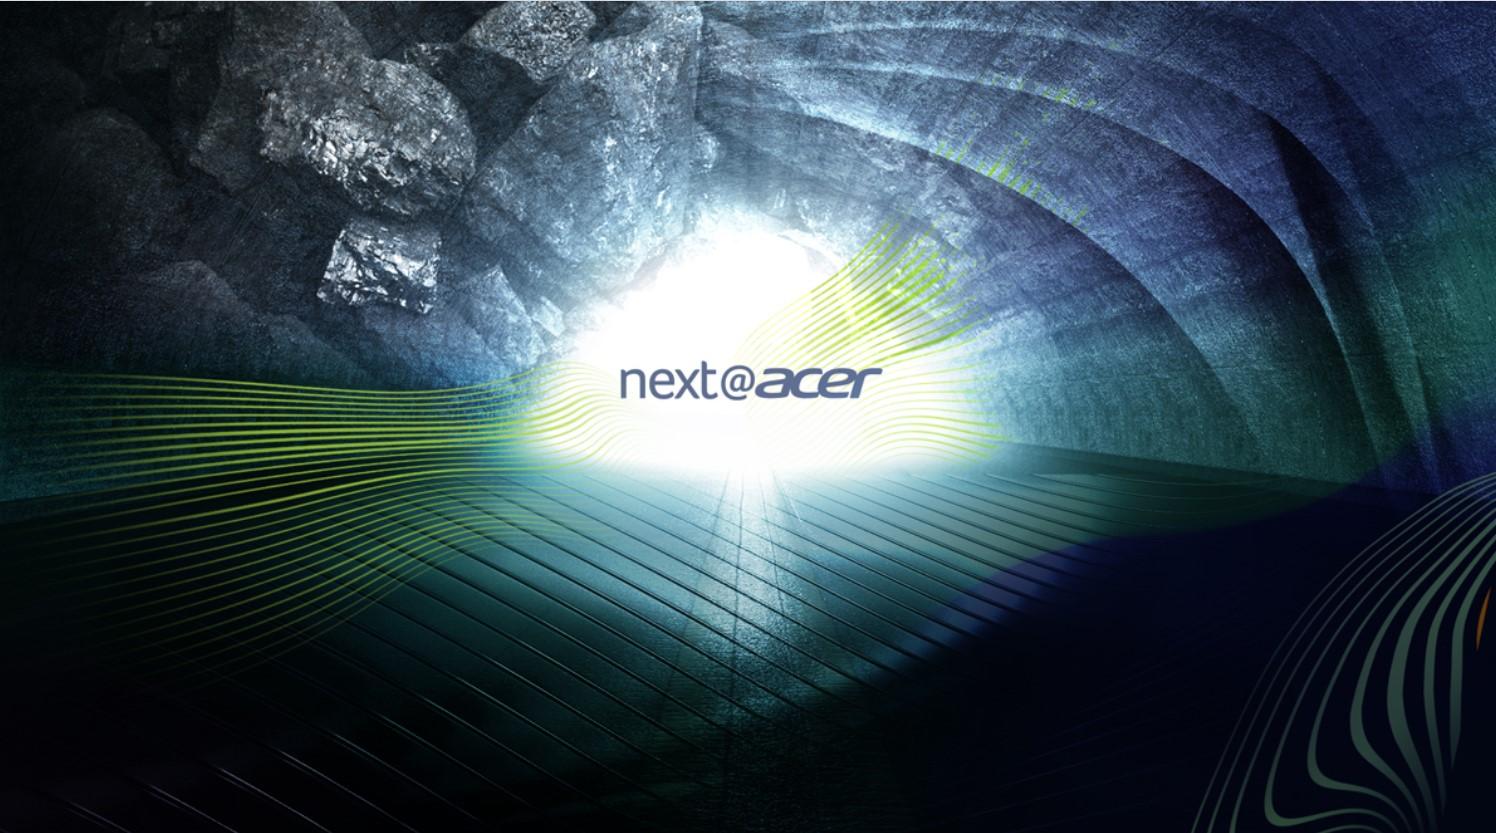 [FINALIZADO] Acer presentó sus nuevos productos de la línea Predator para el segmento gamer